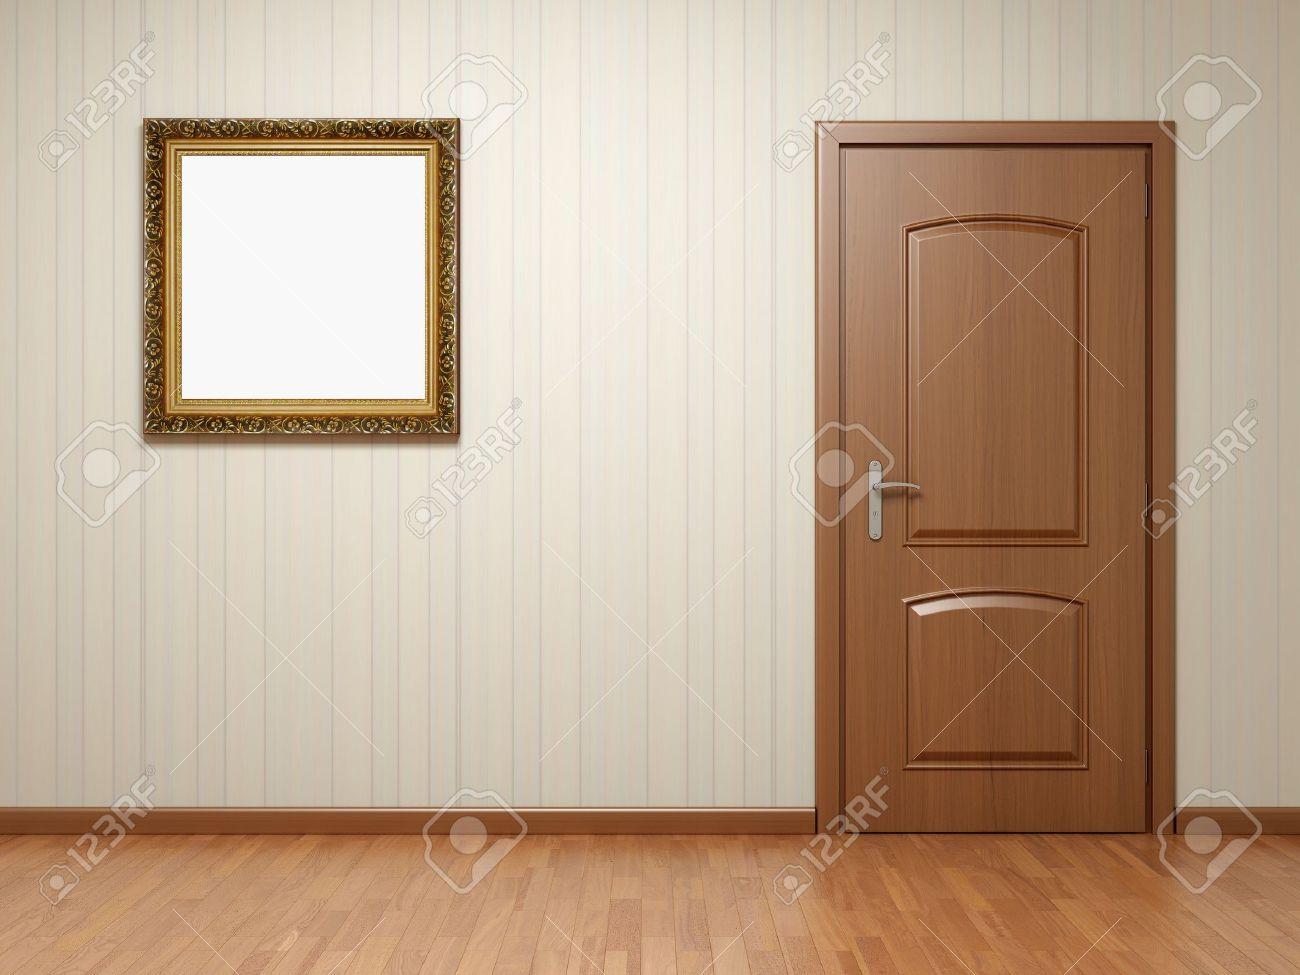 木製のドアとフレーム上のストライプの壁紙と空の部屋 の写真素材